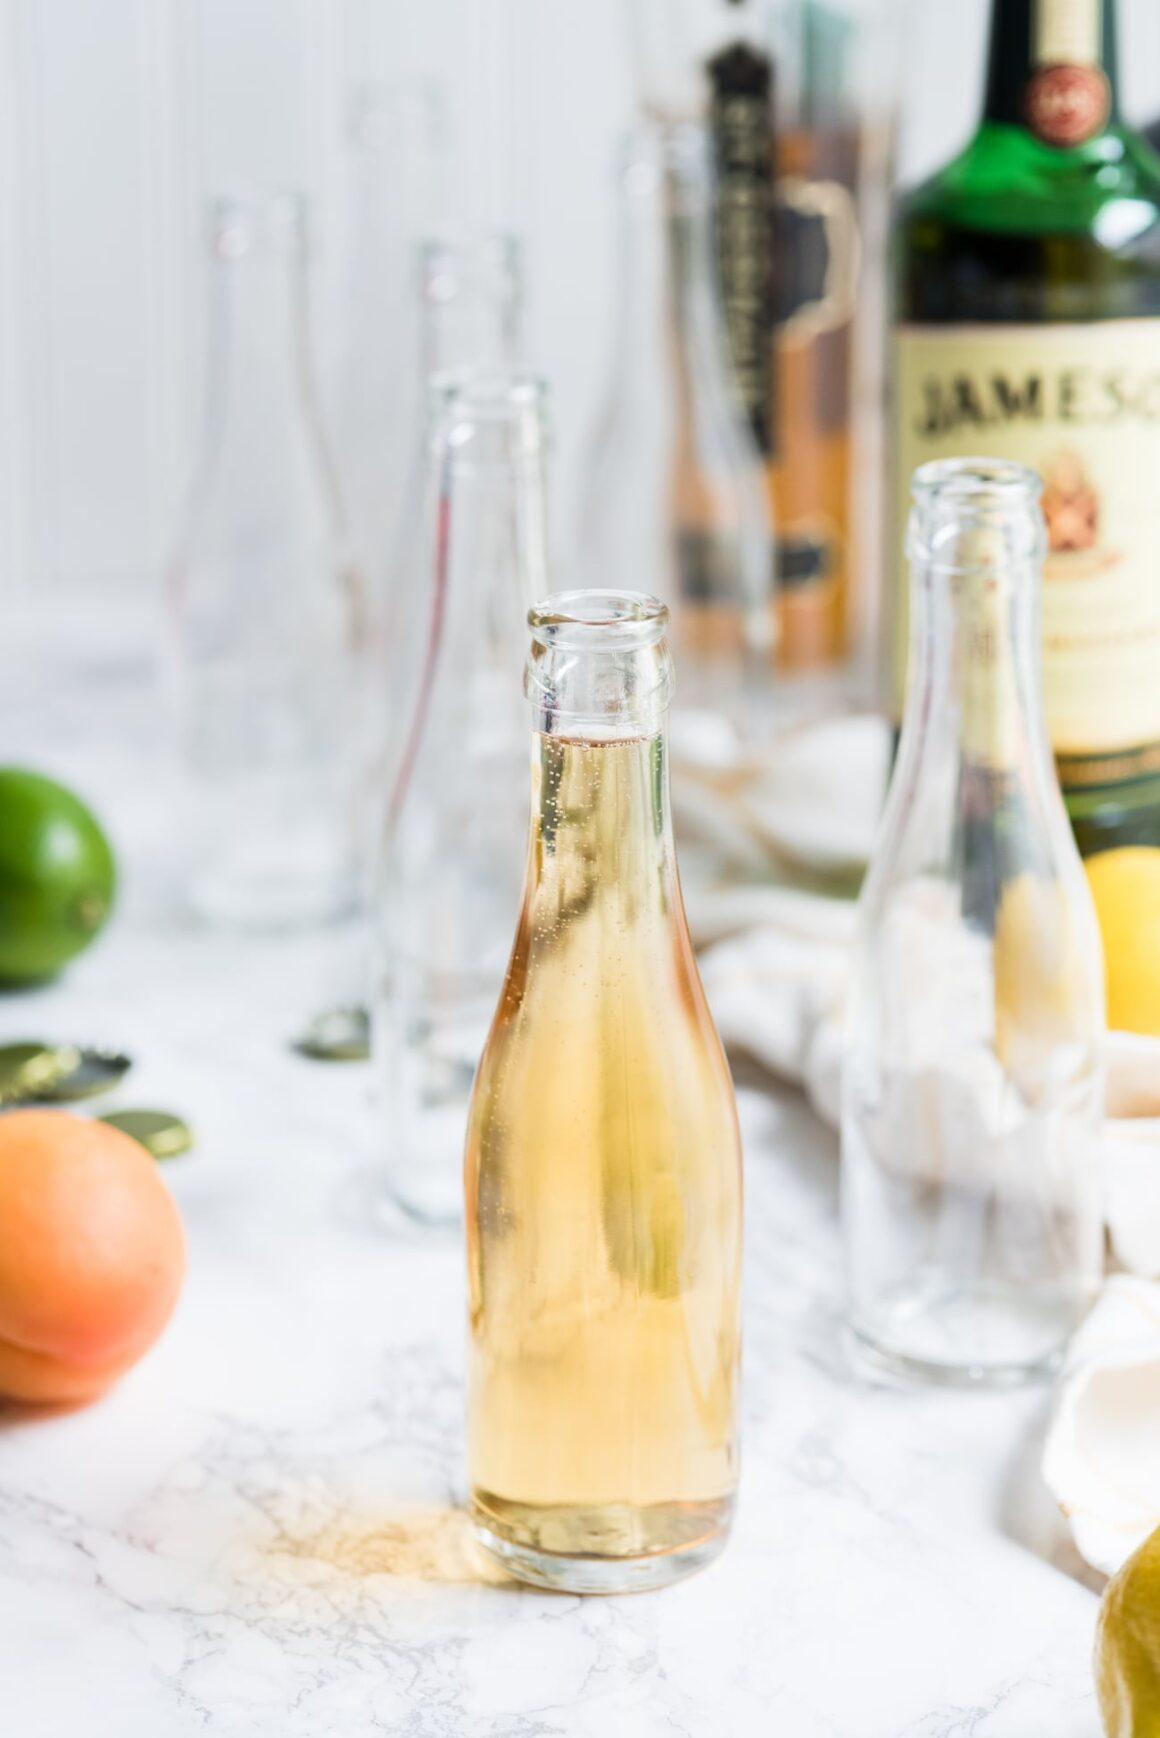 How to Make Bottled Cocktails